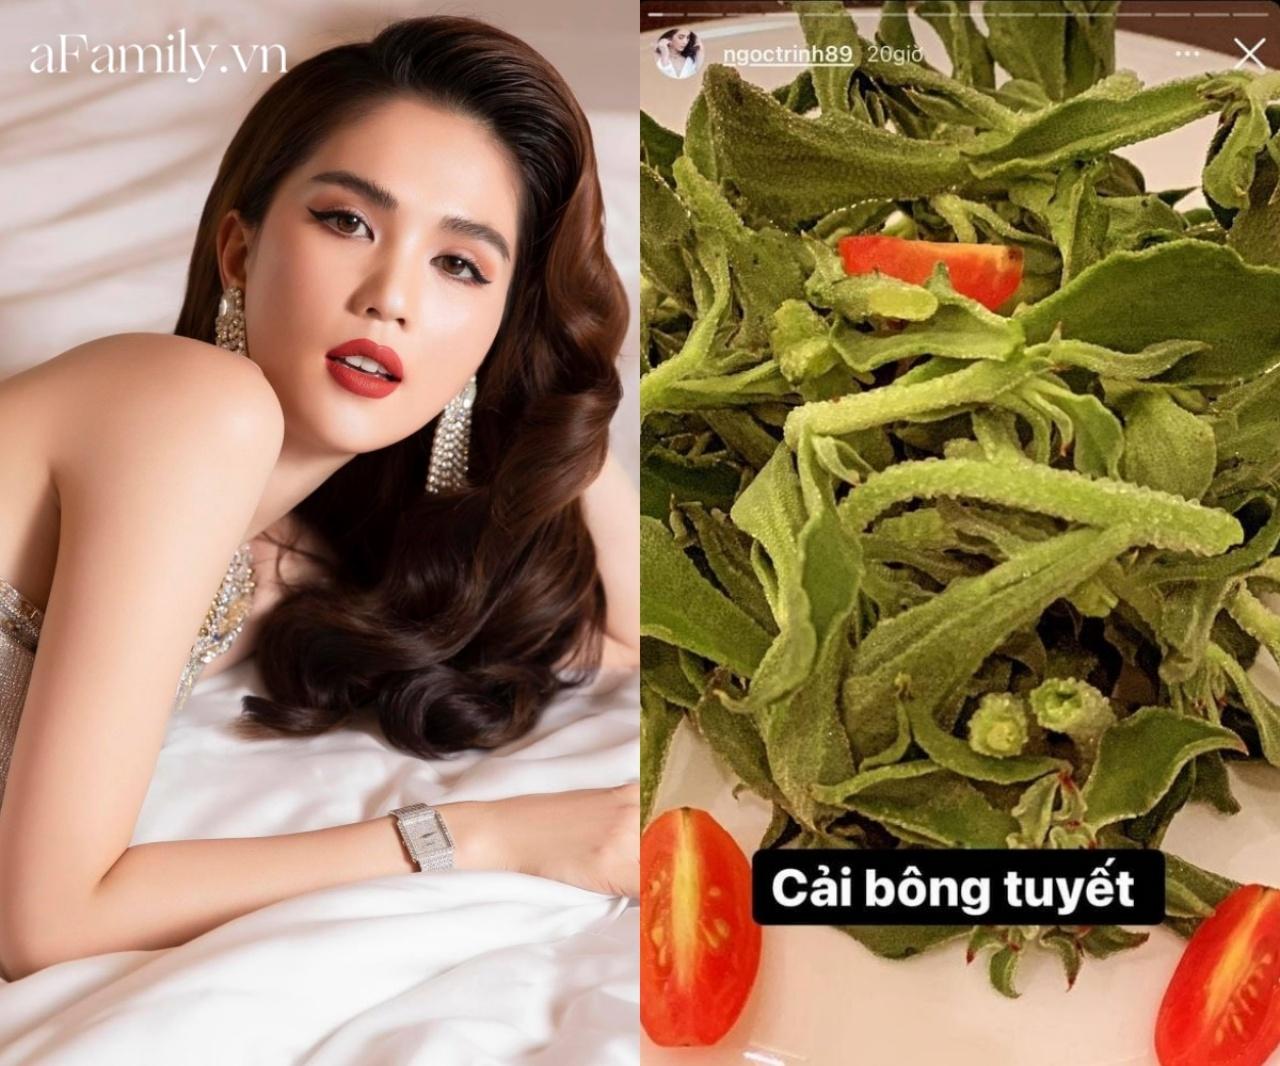 Loại rau đắt hơn thịt Ngọc Trinh vừa ăn: Đã ngon còn giảm cân giữ dáng cực tốt, bảo sao dân tình phát sốt - Ảnh 1.